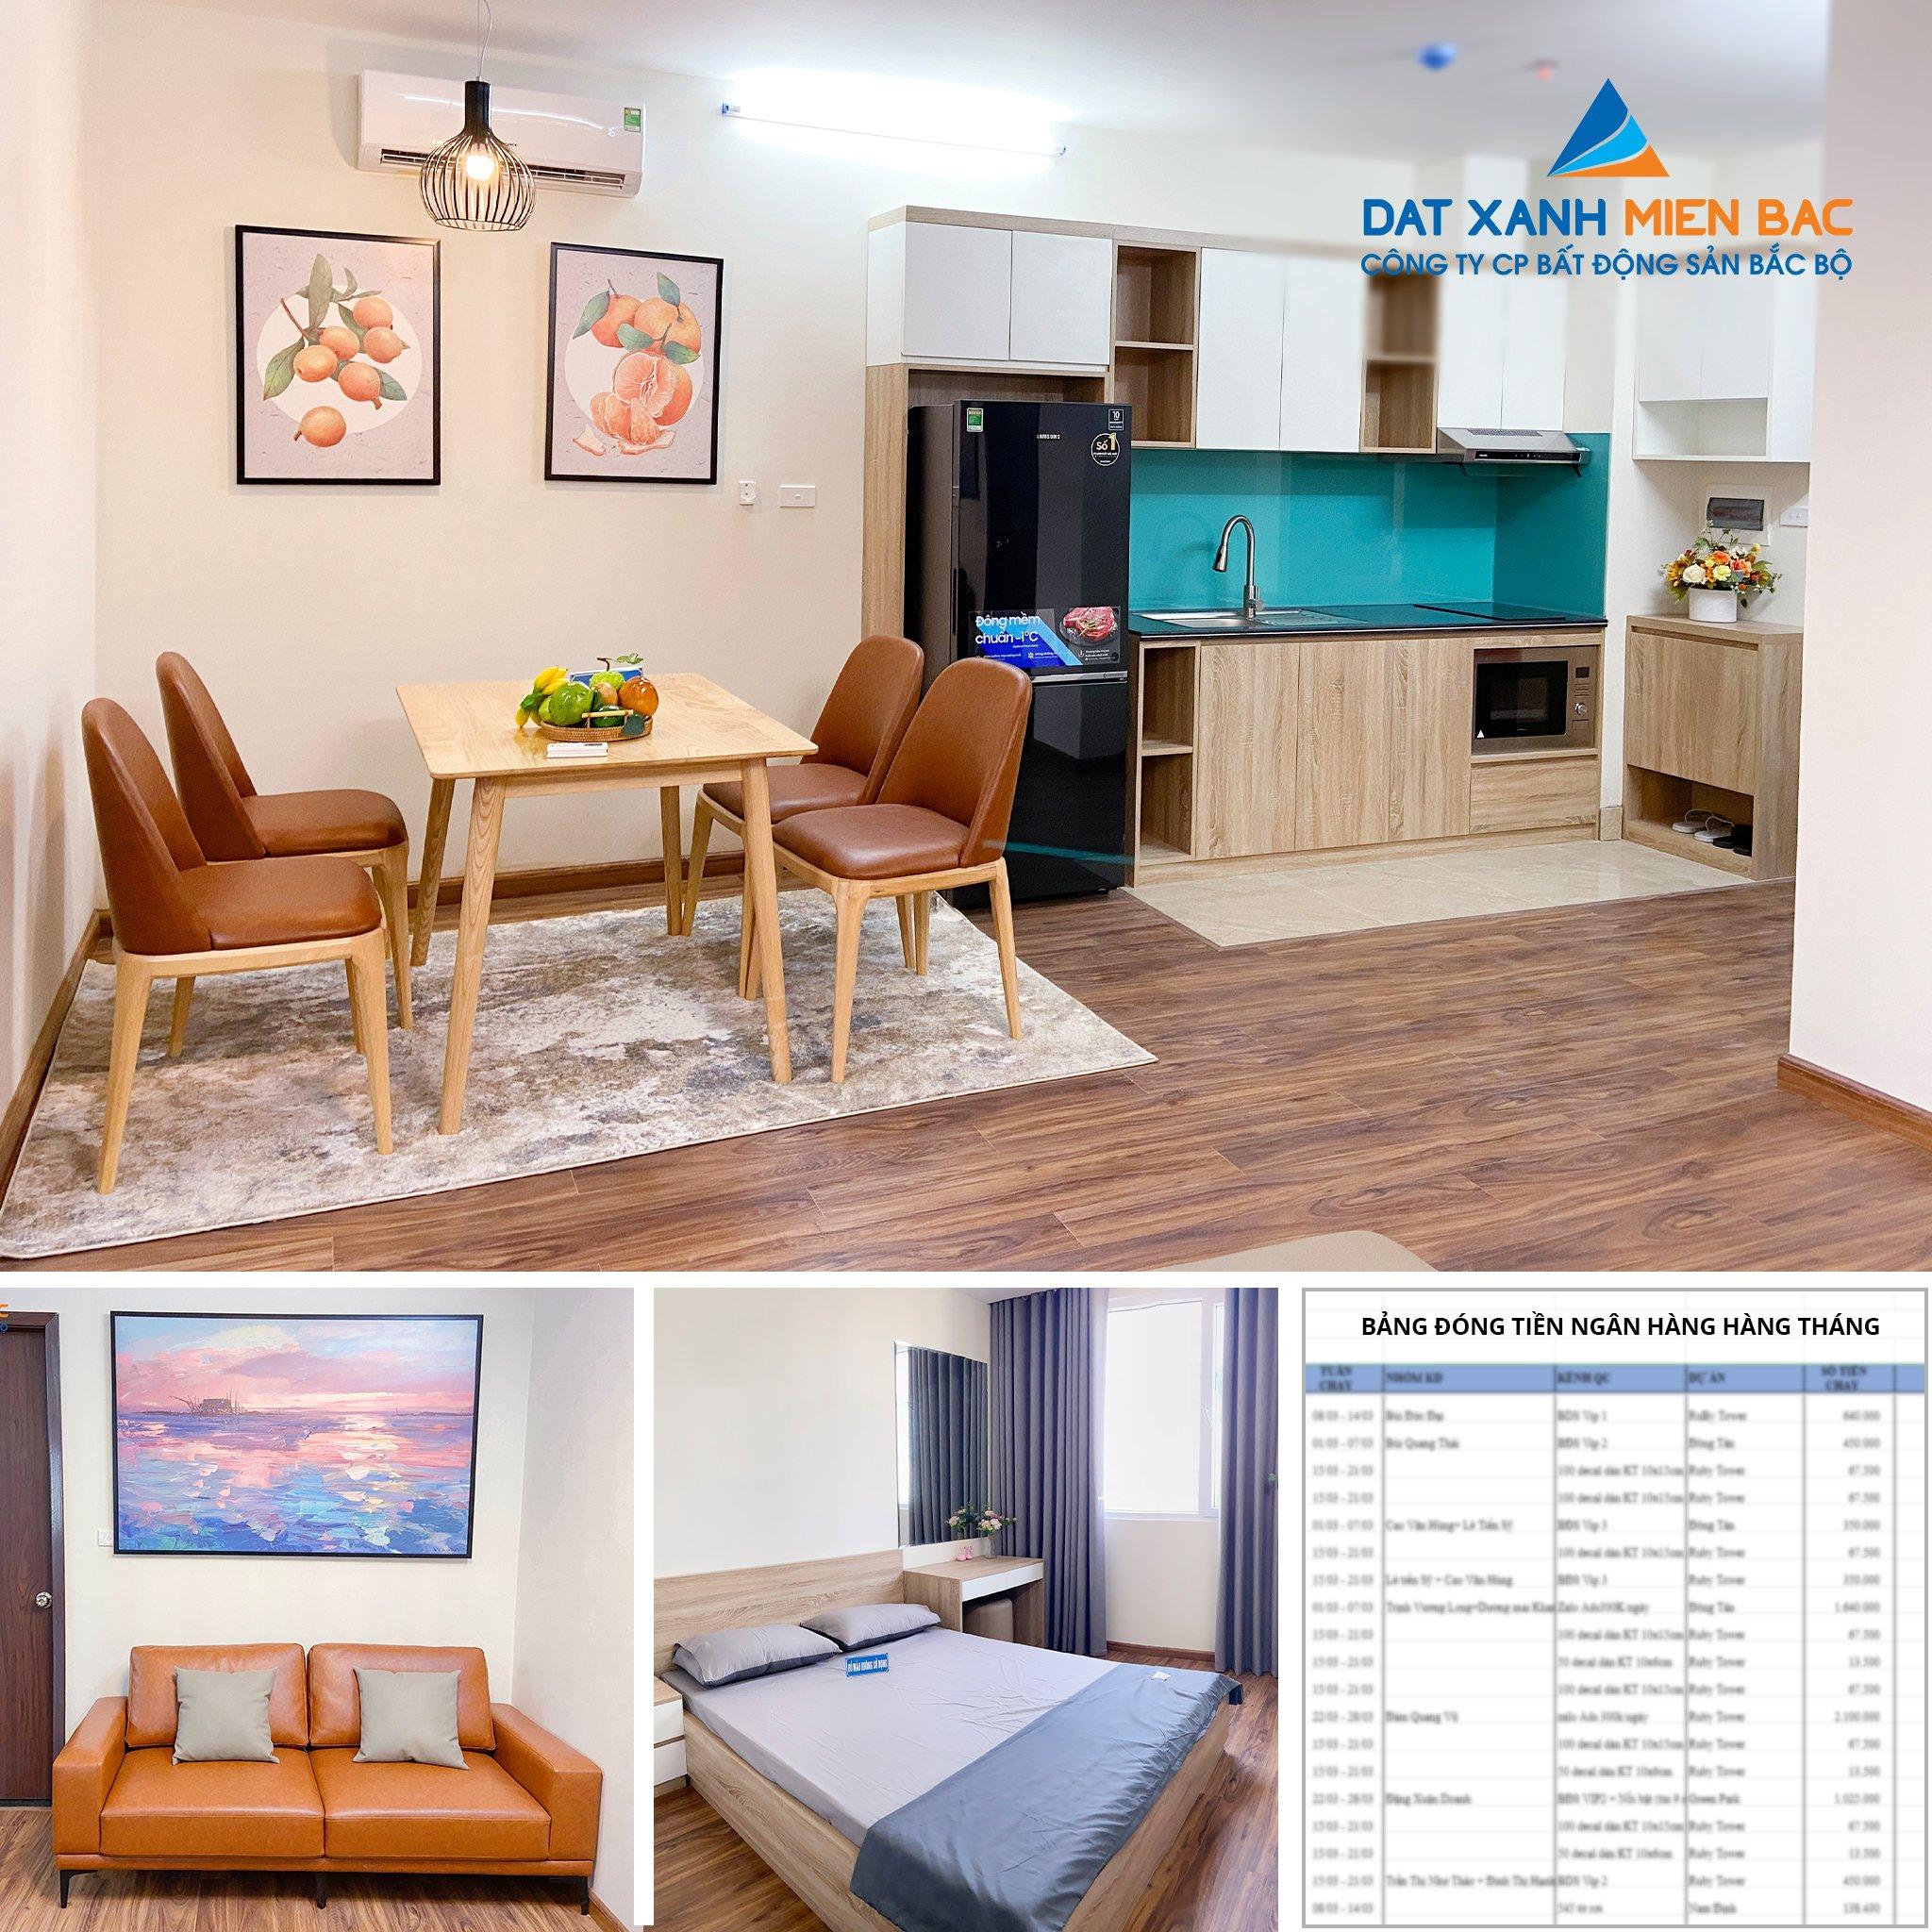 Cần bán Căn hộ chung cư dự án Eurowindow Park City, Diện tích 54m², Giá Thương lượng - LH: 0989851168